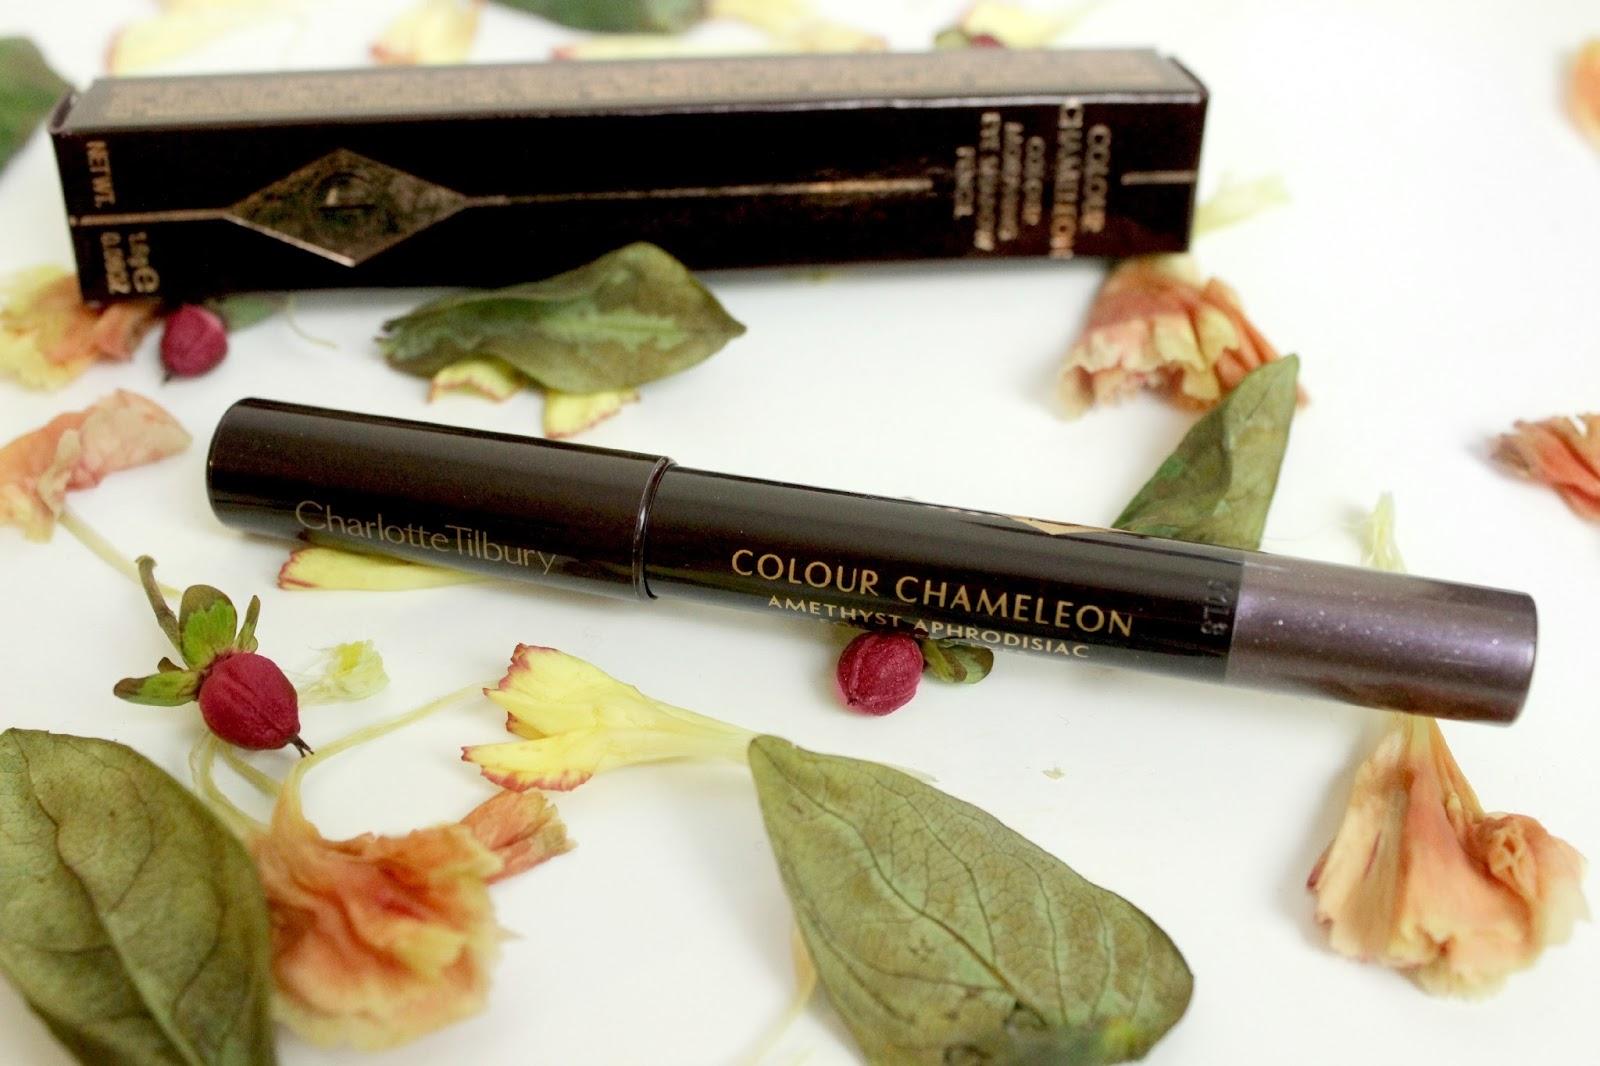 Charlotte Tilbury Colour Chameleon